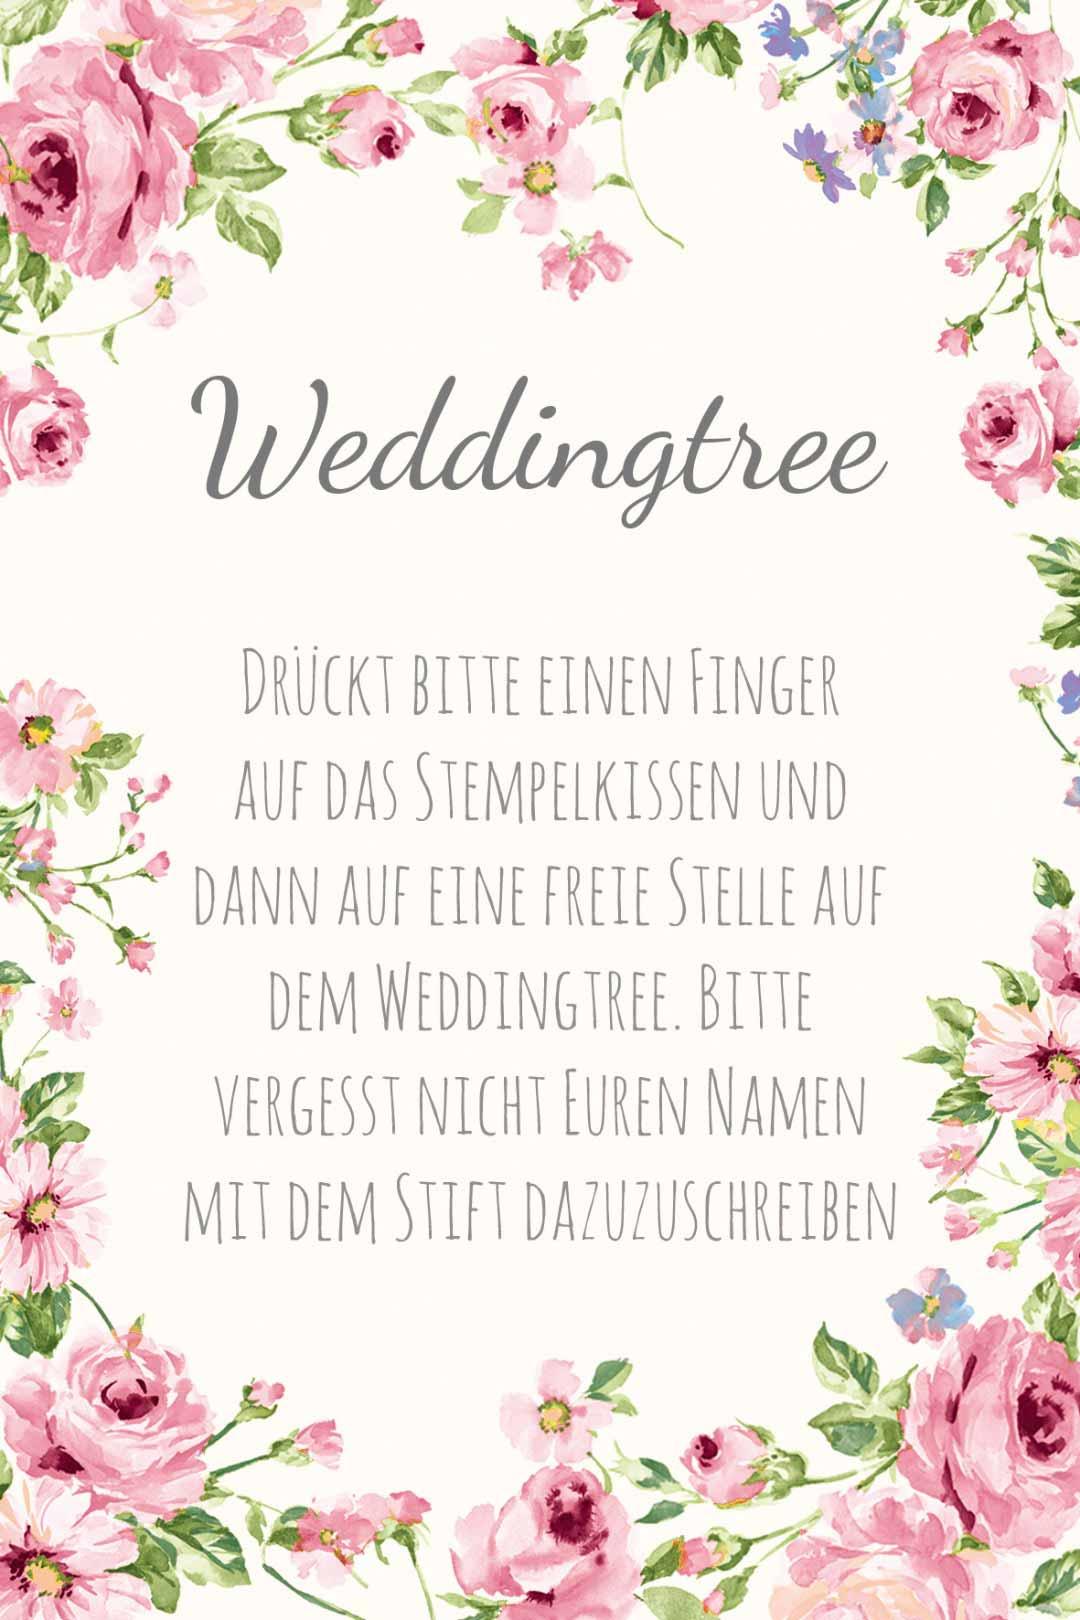 Schild im blumigen Design als Vorlage für die Hochzeit: Weddingtree